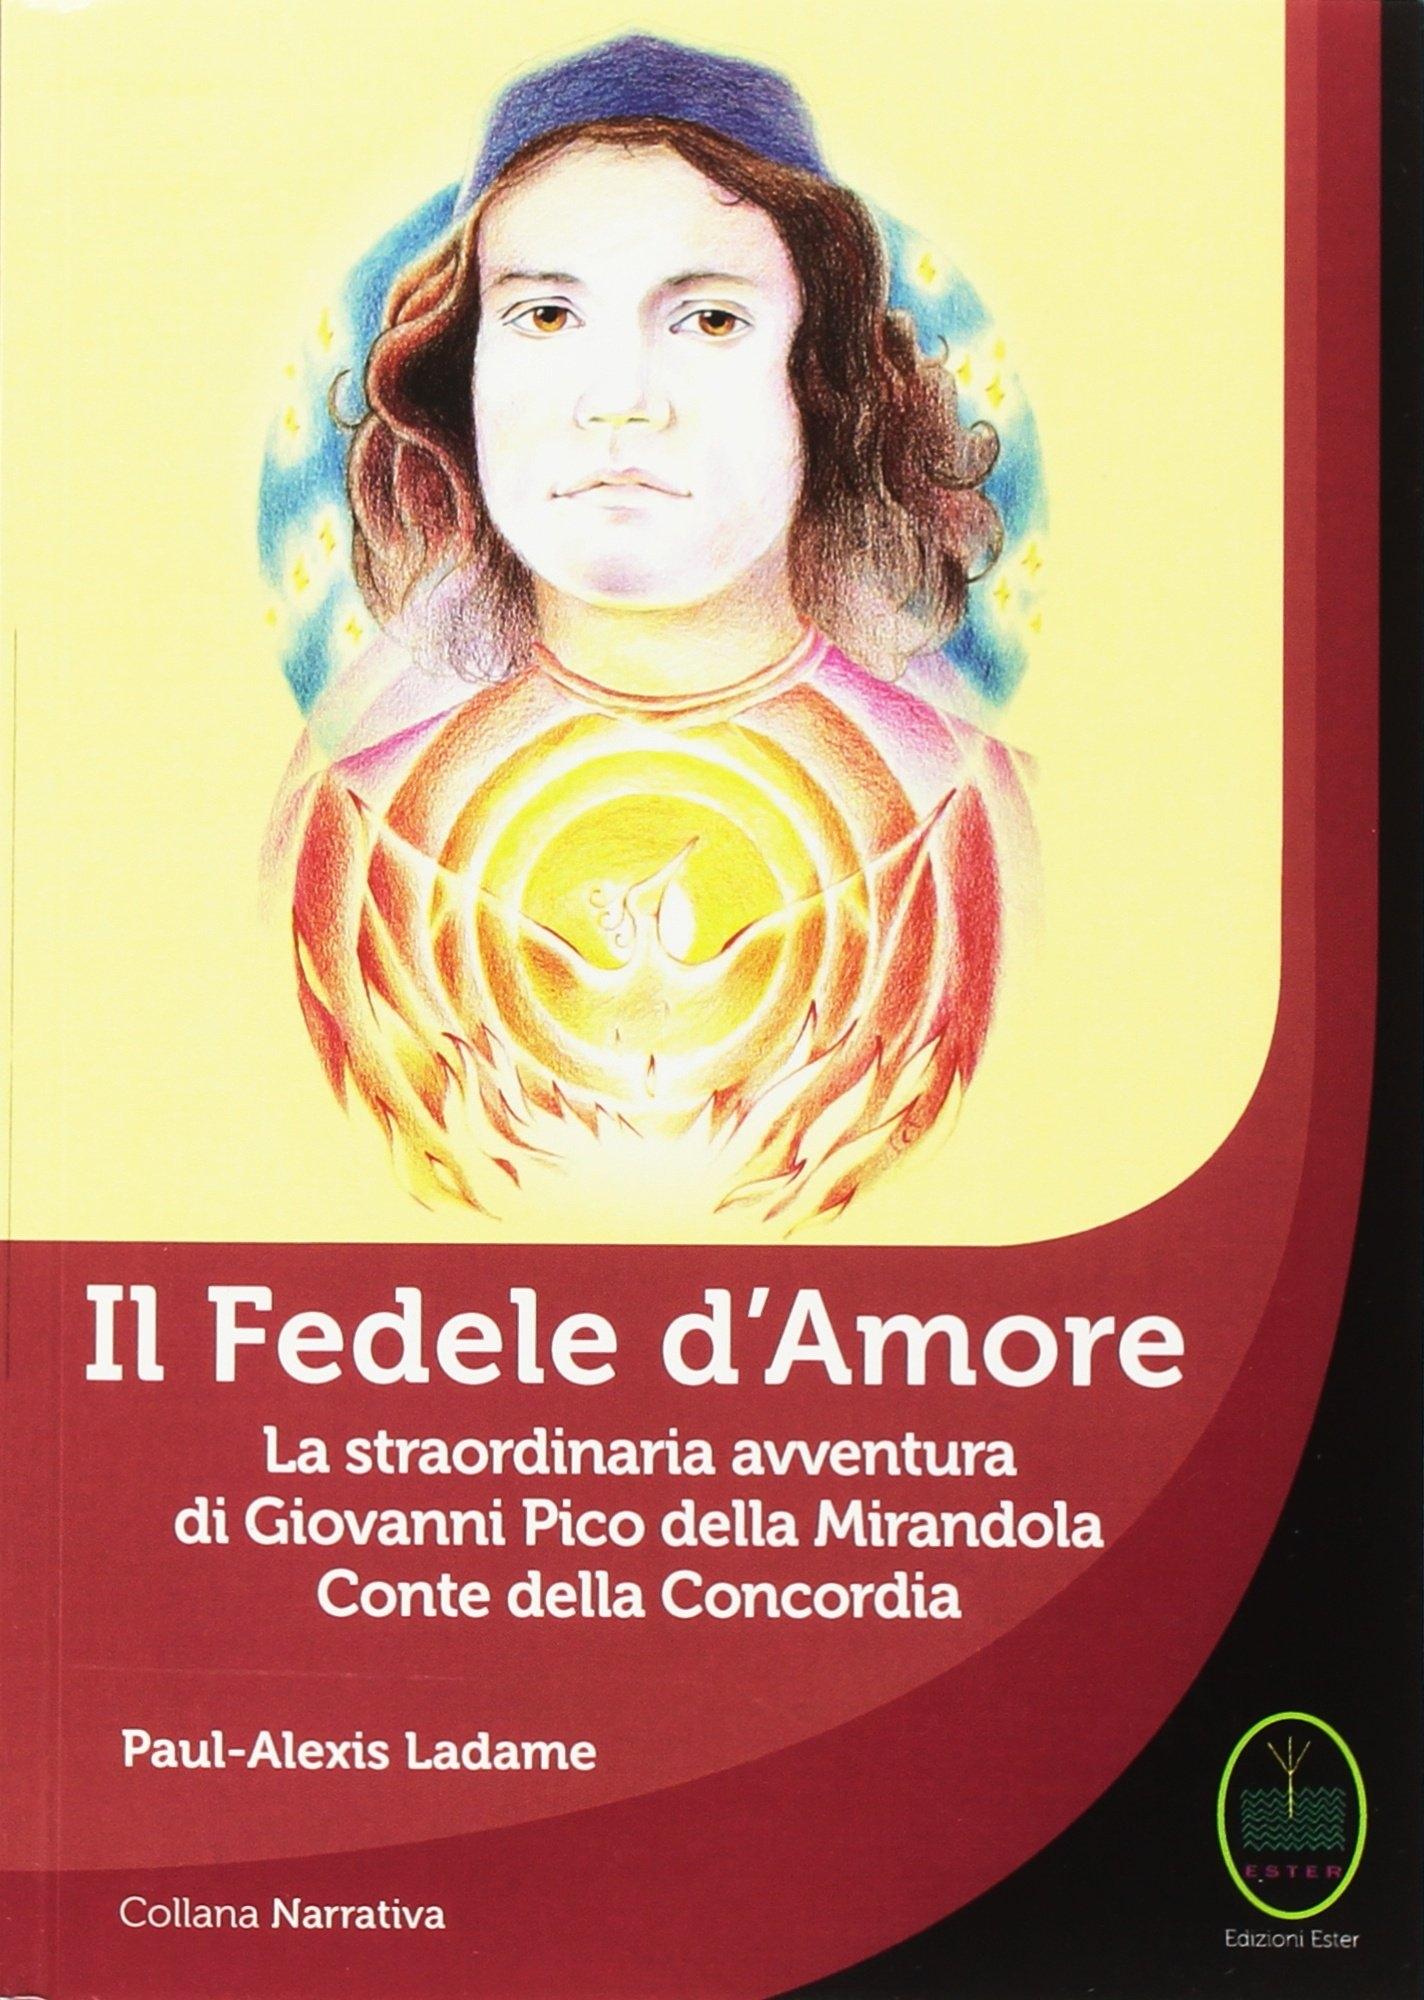 Il Fedele d'Amore la Straordinaria Avventura di Giovanni Pico della Mirandola Conte della Concordia